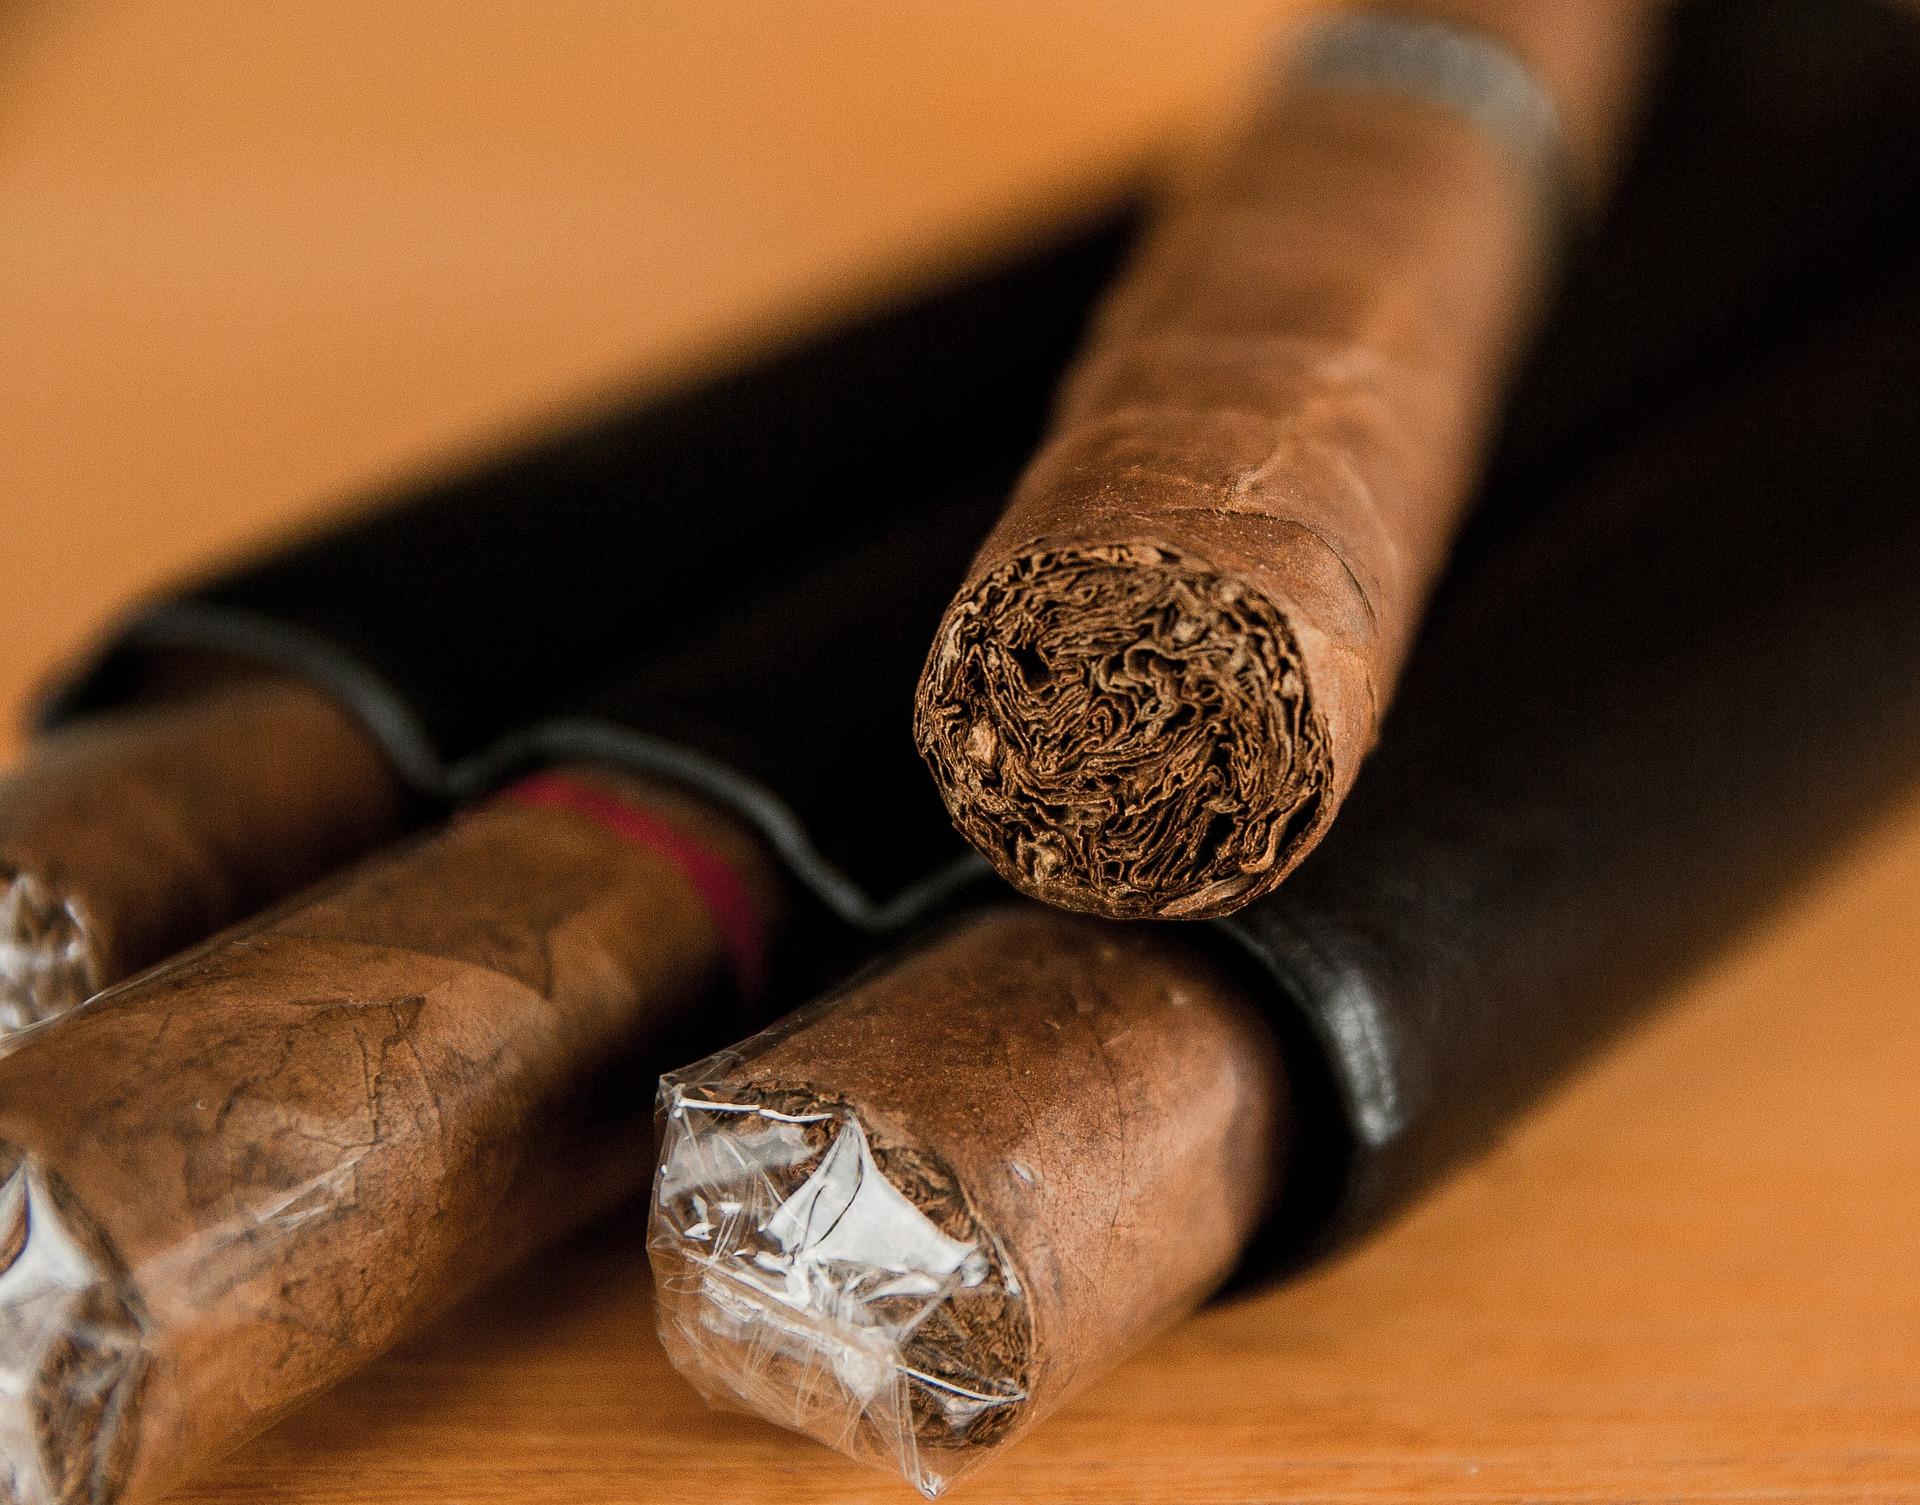 cigar-1293684_1920.jpg